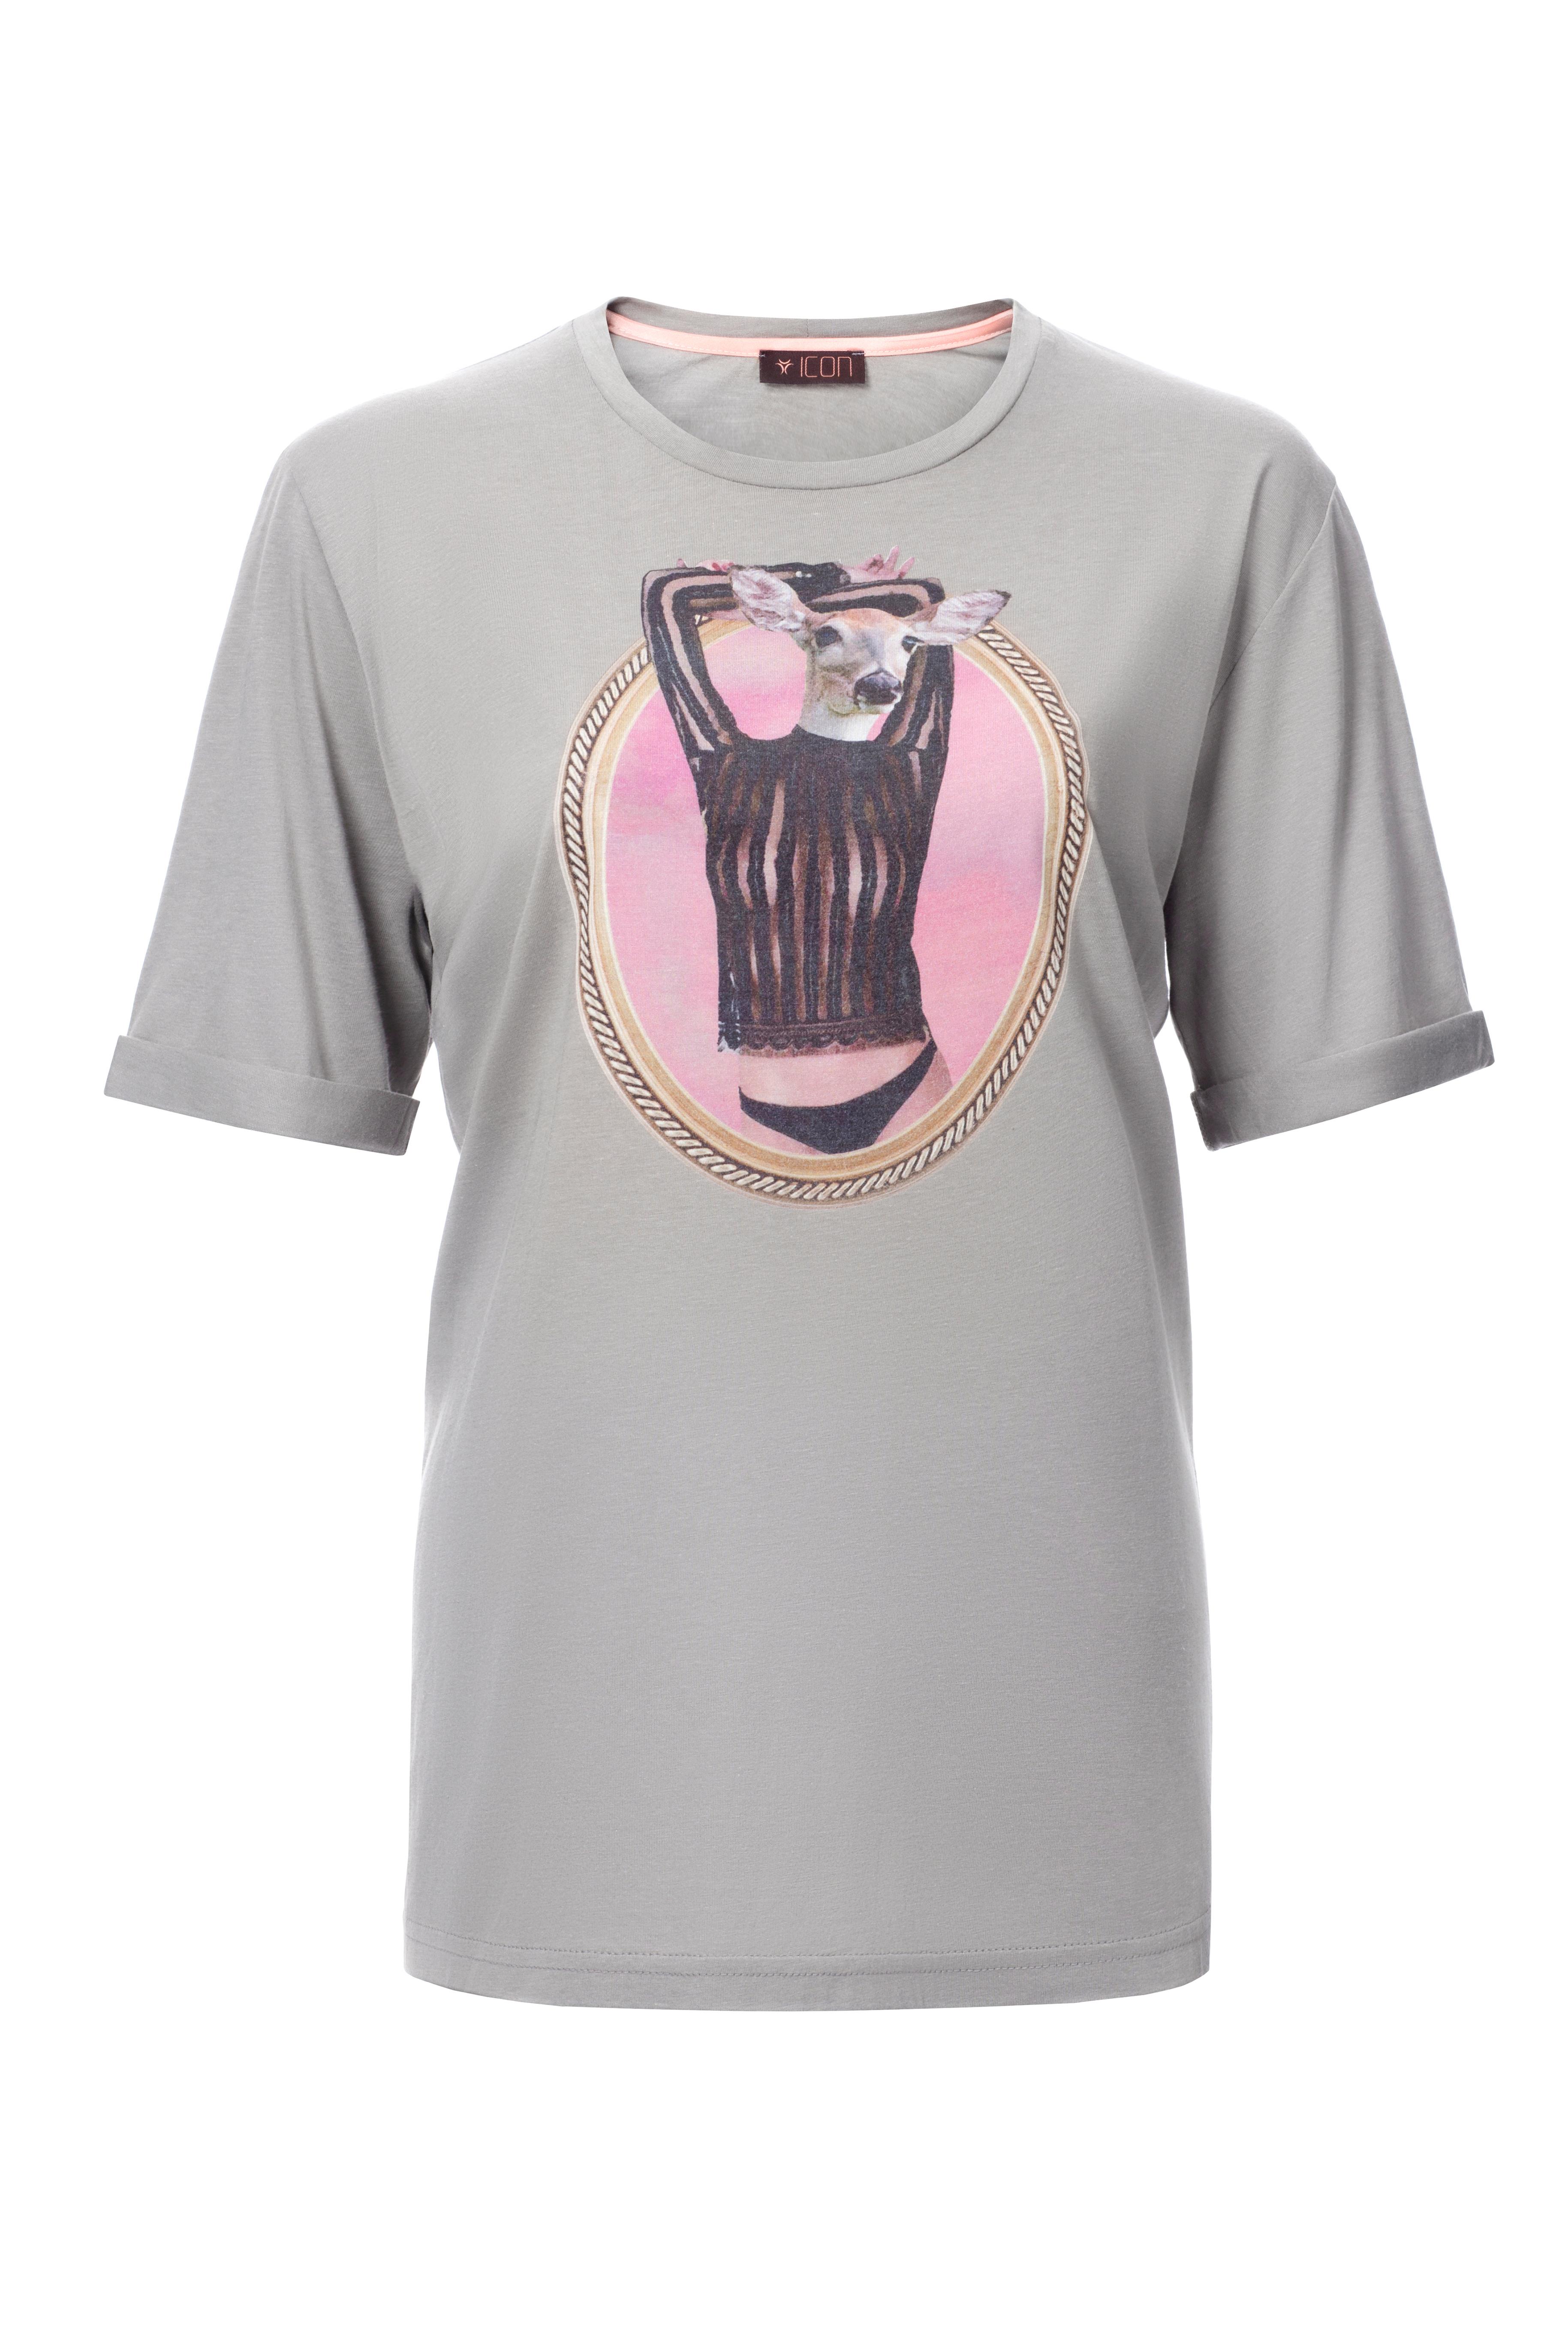 Koszulka-1_1.jpg